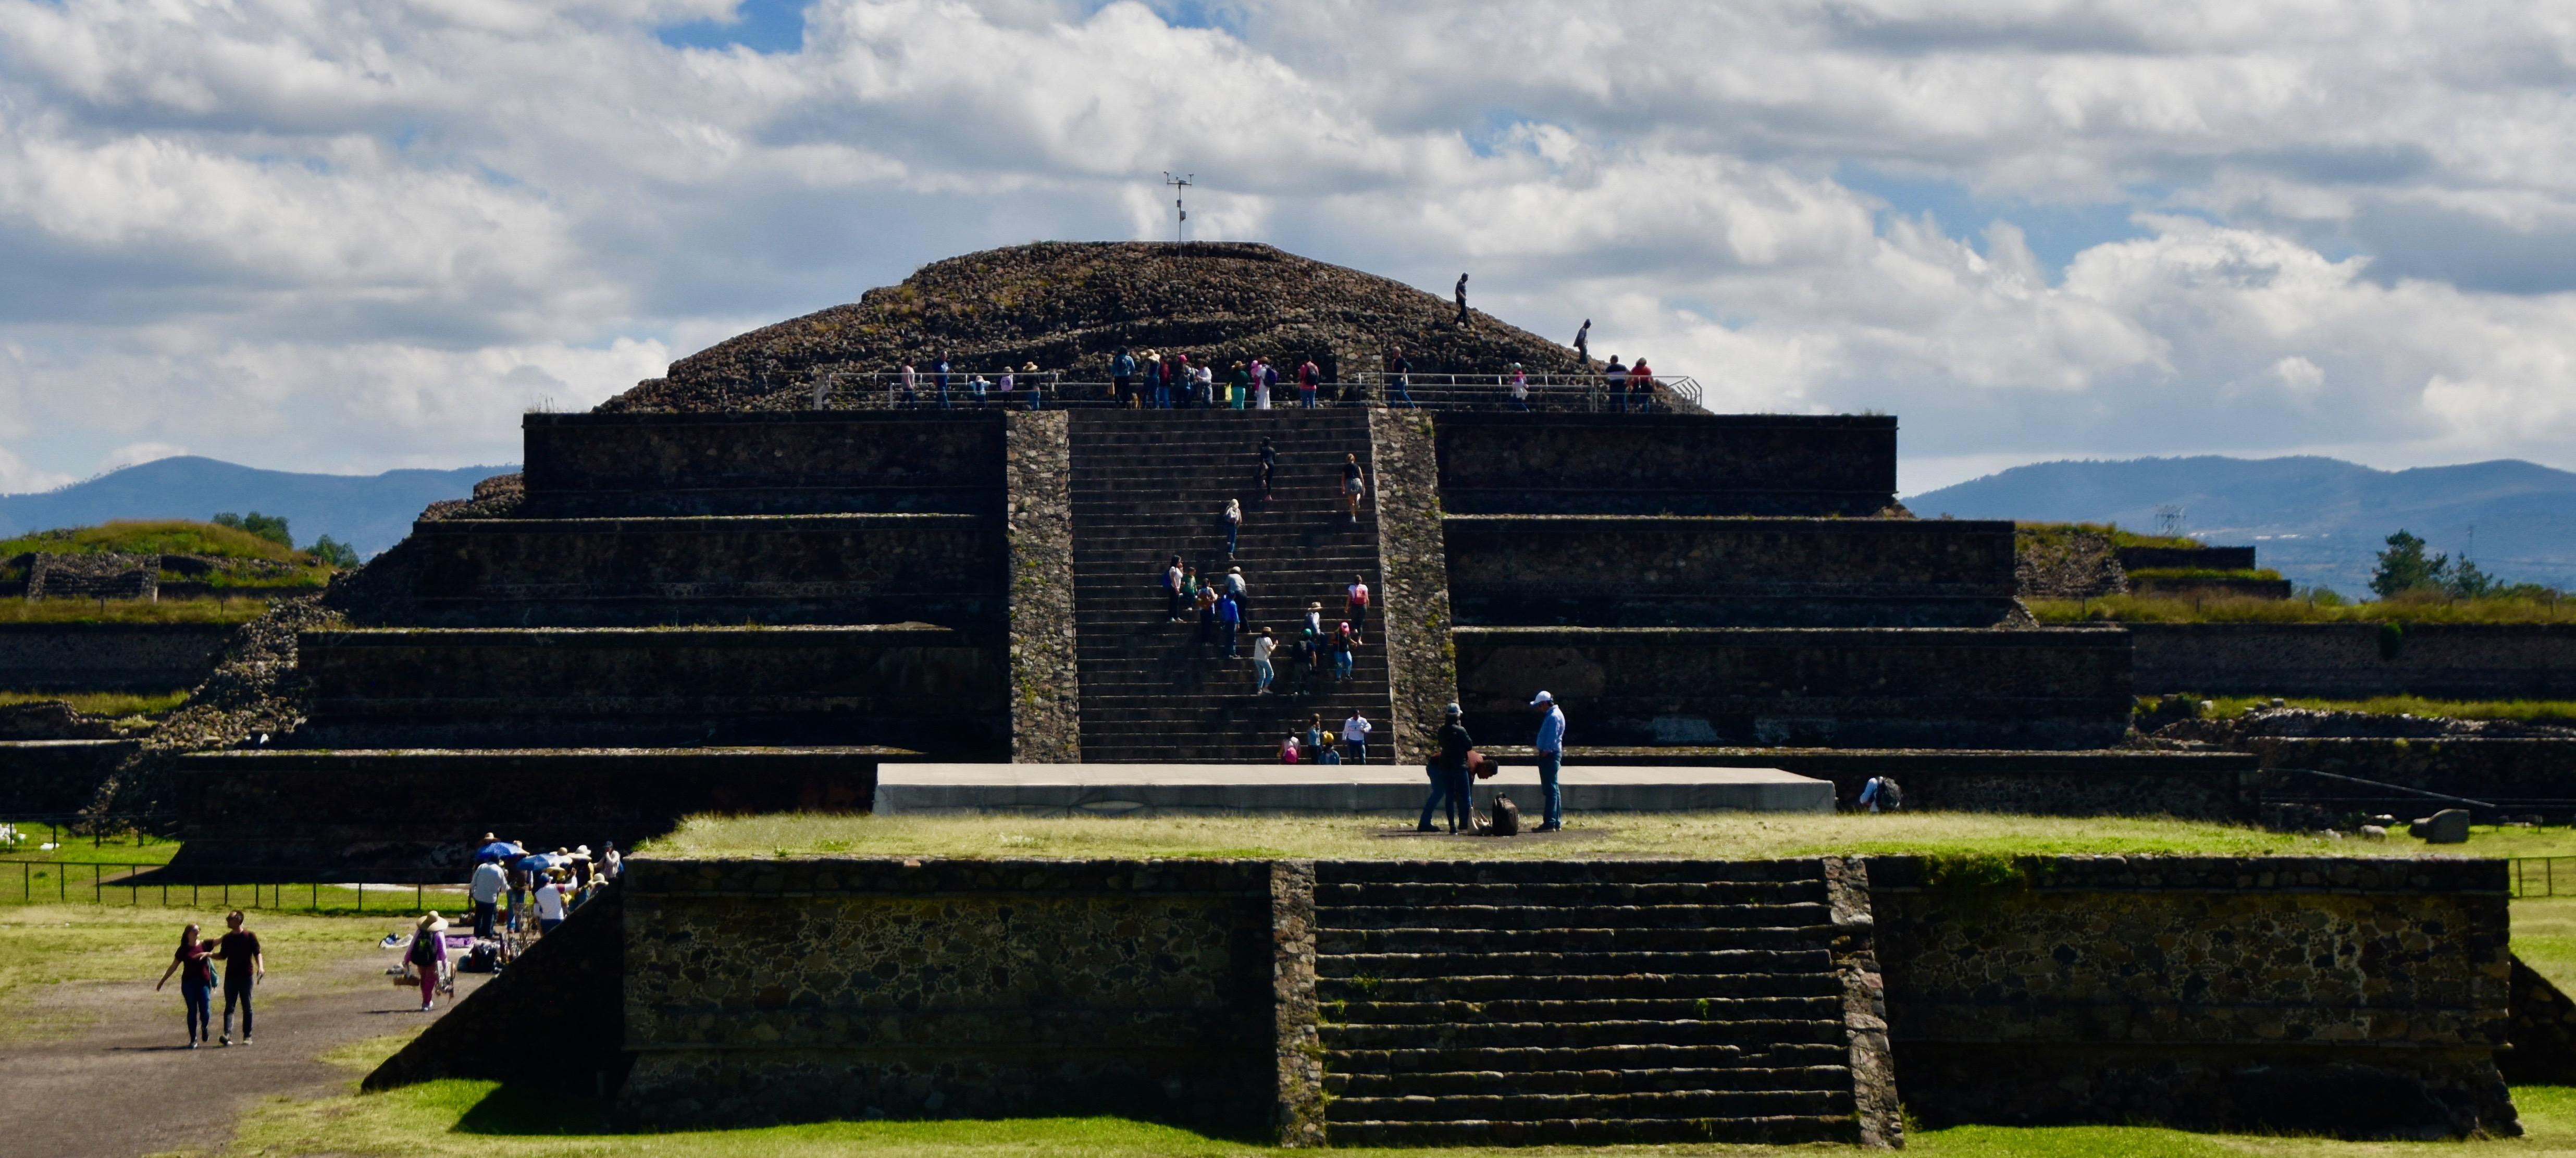 Pyramid of Queztlcoatl, Teotihuacan